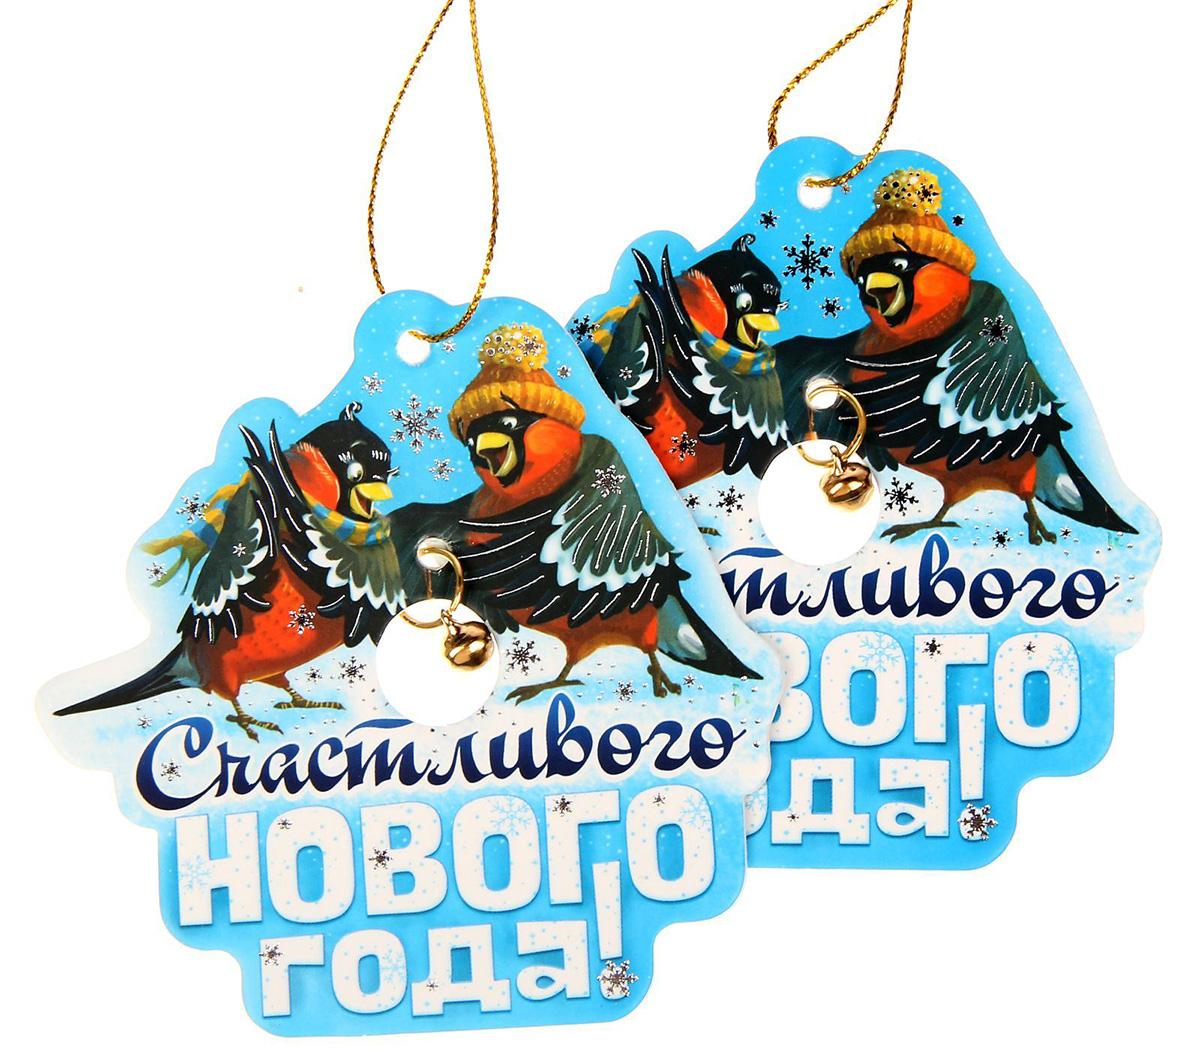 Новогоднее подвесное украшение Sima-land Счастливого Нового года, 8,9 х 8,7 см, 2 шт1305177Новогоднее украшение Sima-land отлично подойдет для декорации вашего дома и новогодней ели.Елочная игрушка - символ Нового года. Она несет в себе волшебство и красоту праздника. Такое украшение создаст в вашем доме атмосферу праздника, веселья и радости.